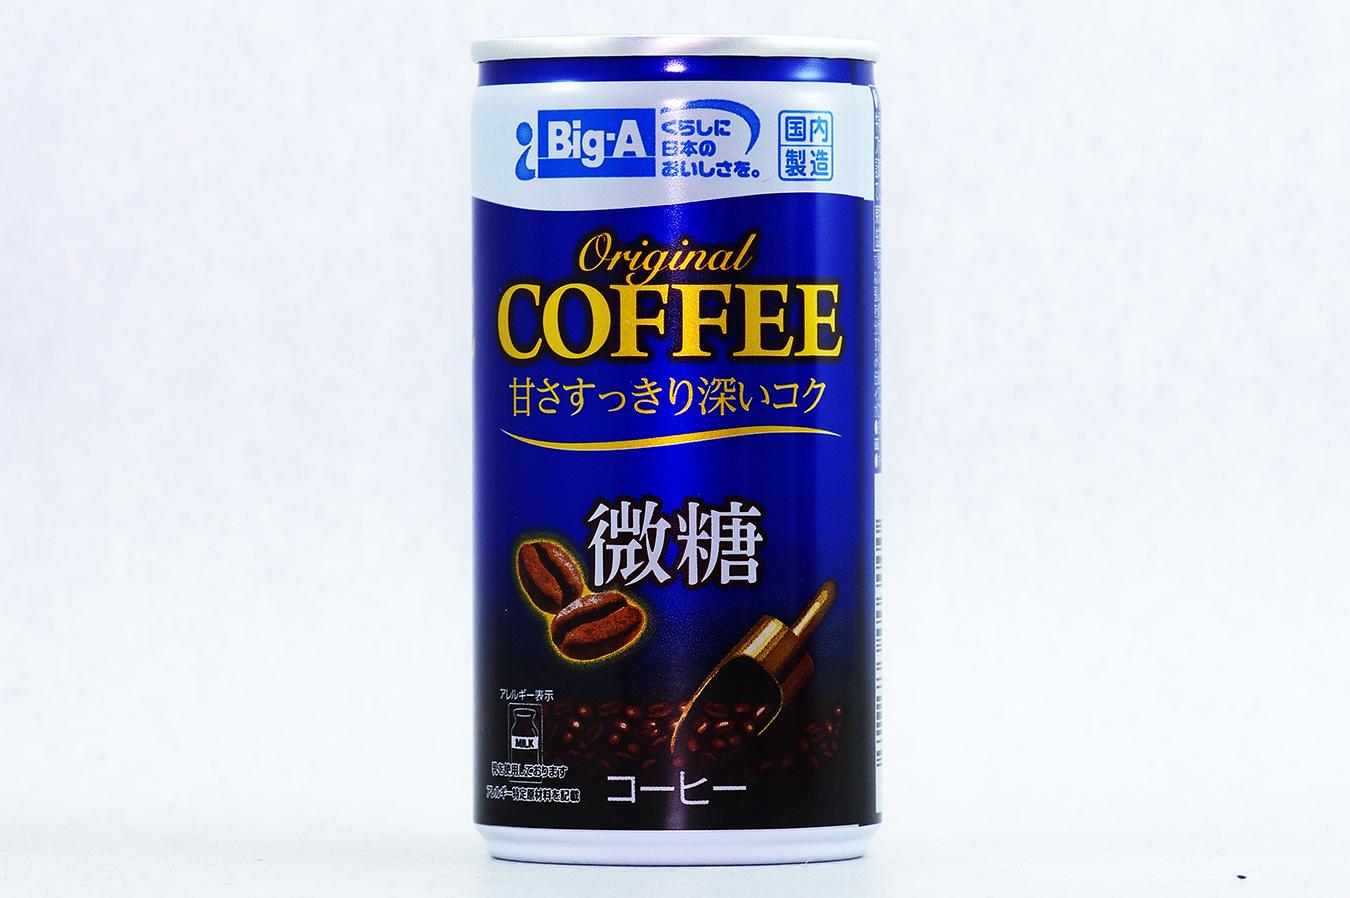 オリジナルコーヒー 微糖 2018年1月